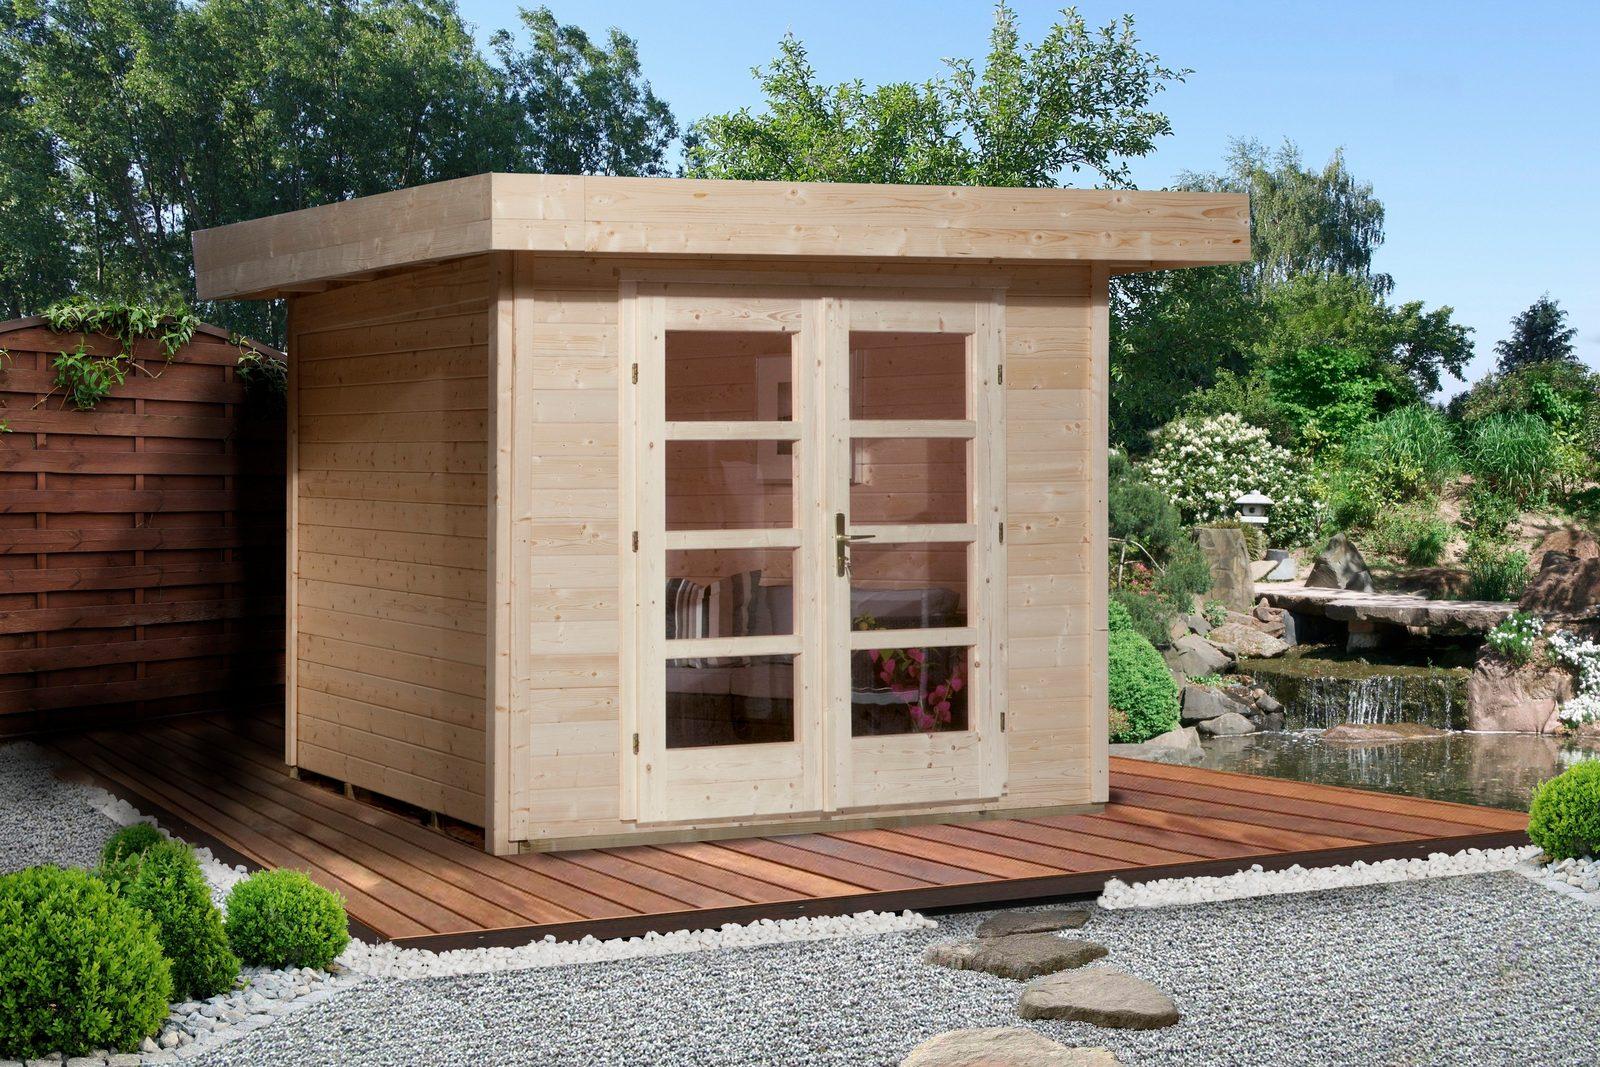 Weka Gartenhaus »Chillout«, BxT: 295x240 cm, inkl. Fußboden, in 2 Farben